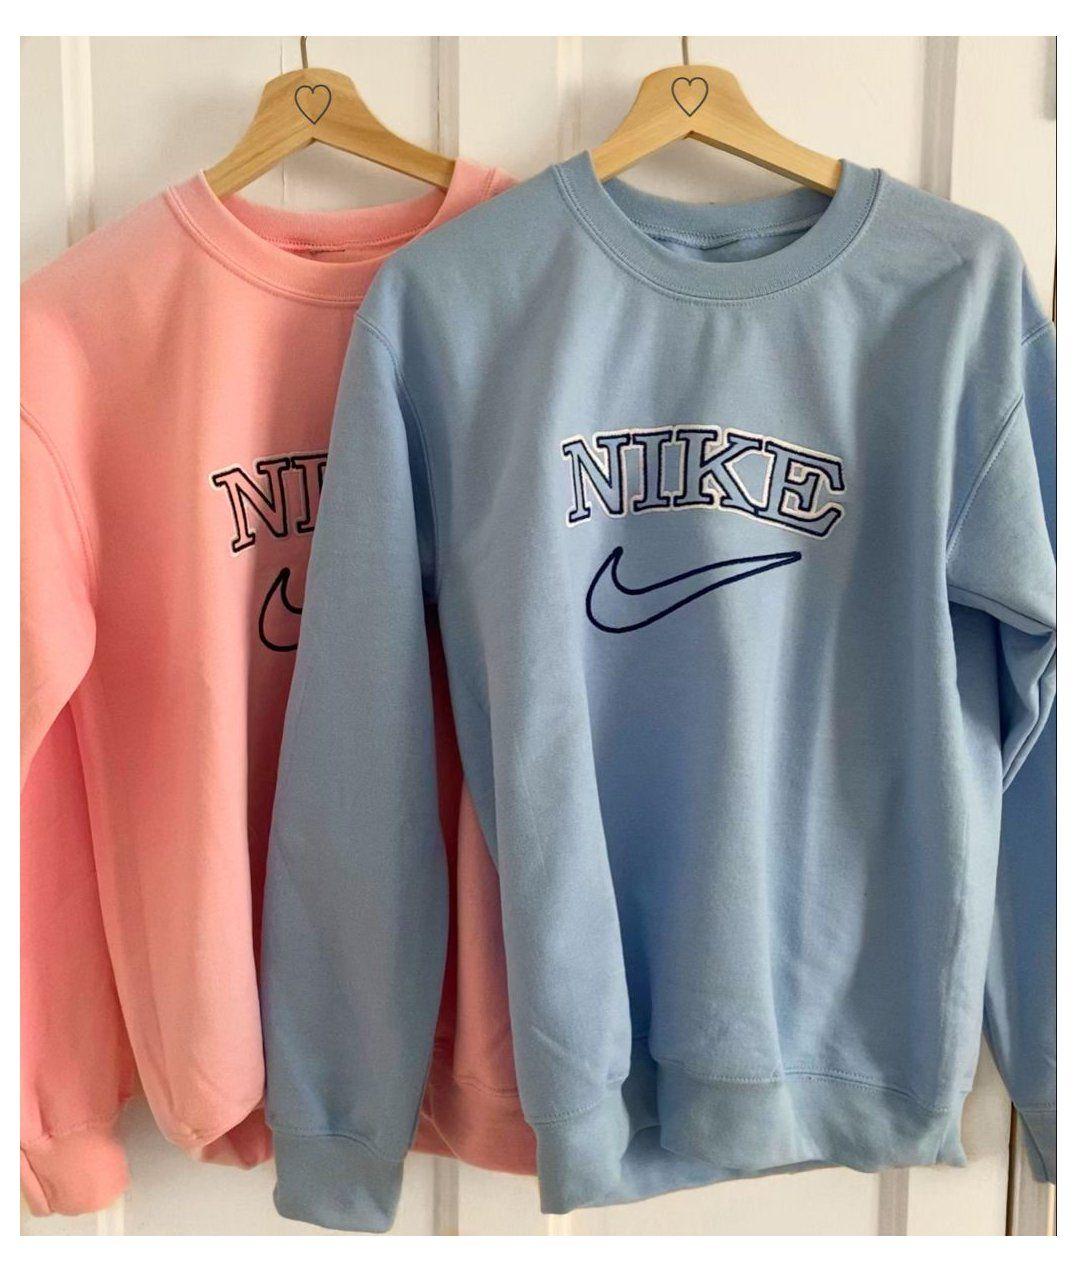 Vintage Nike Sweatshirts Nike Vintage Jumper Nikevintagejumper Vintage Nike Sweatshirt Trendy Hoodies Vintage Hoodies [ 1272 x 1077 Pixel ]